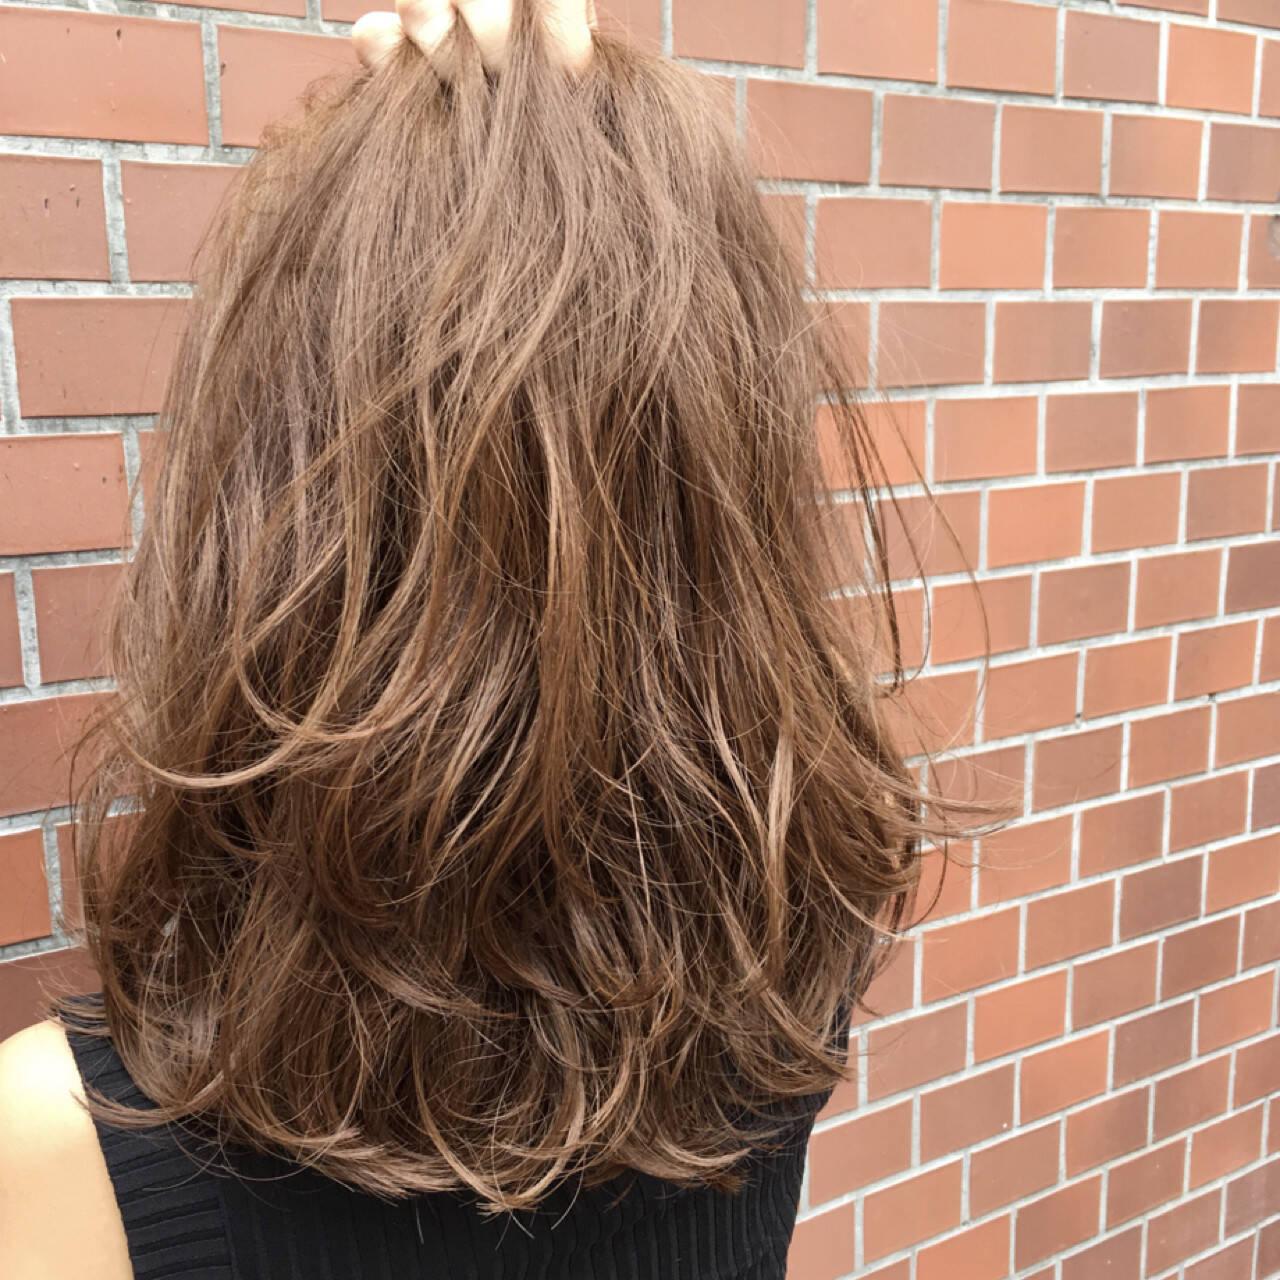 グレージュ ハイライト 外国人風 レイヤーカットヘアスタイルや髪型の写真・画像